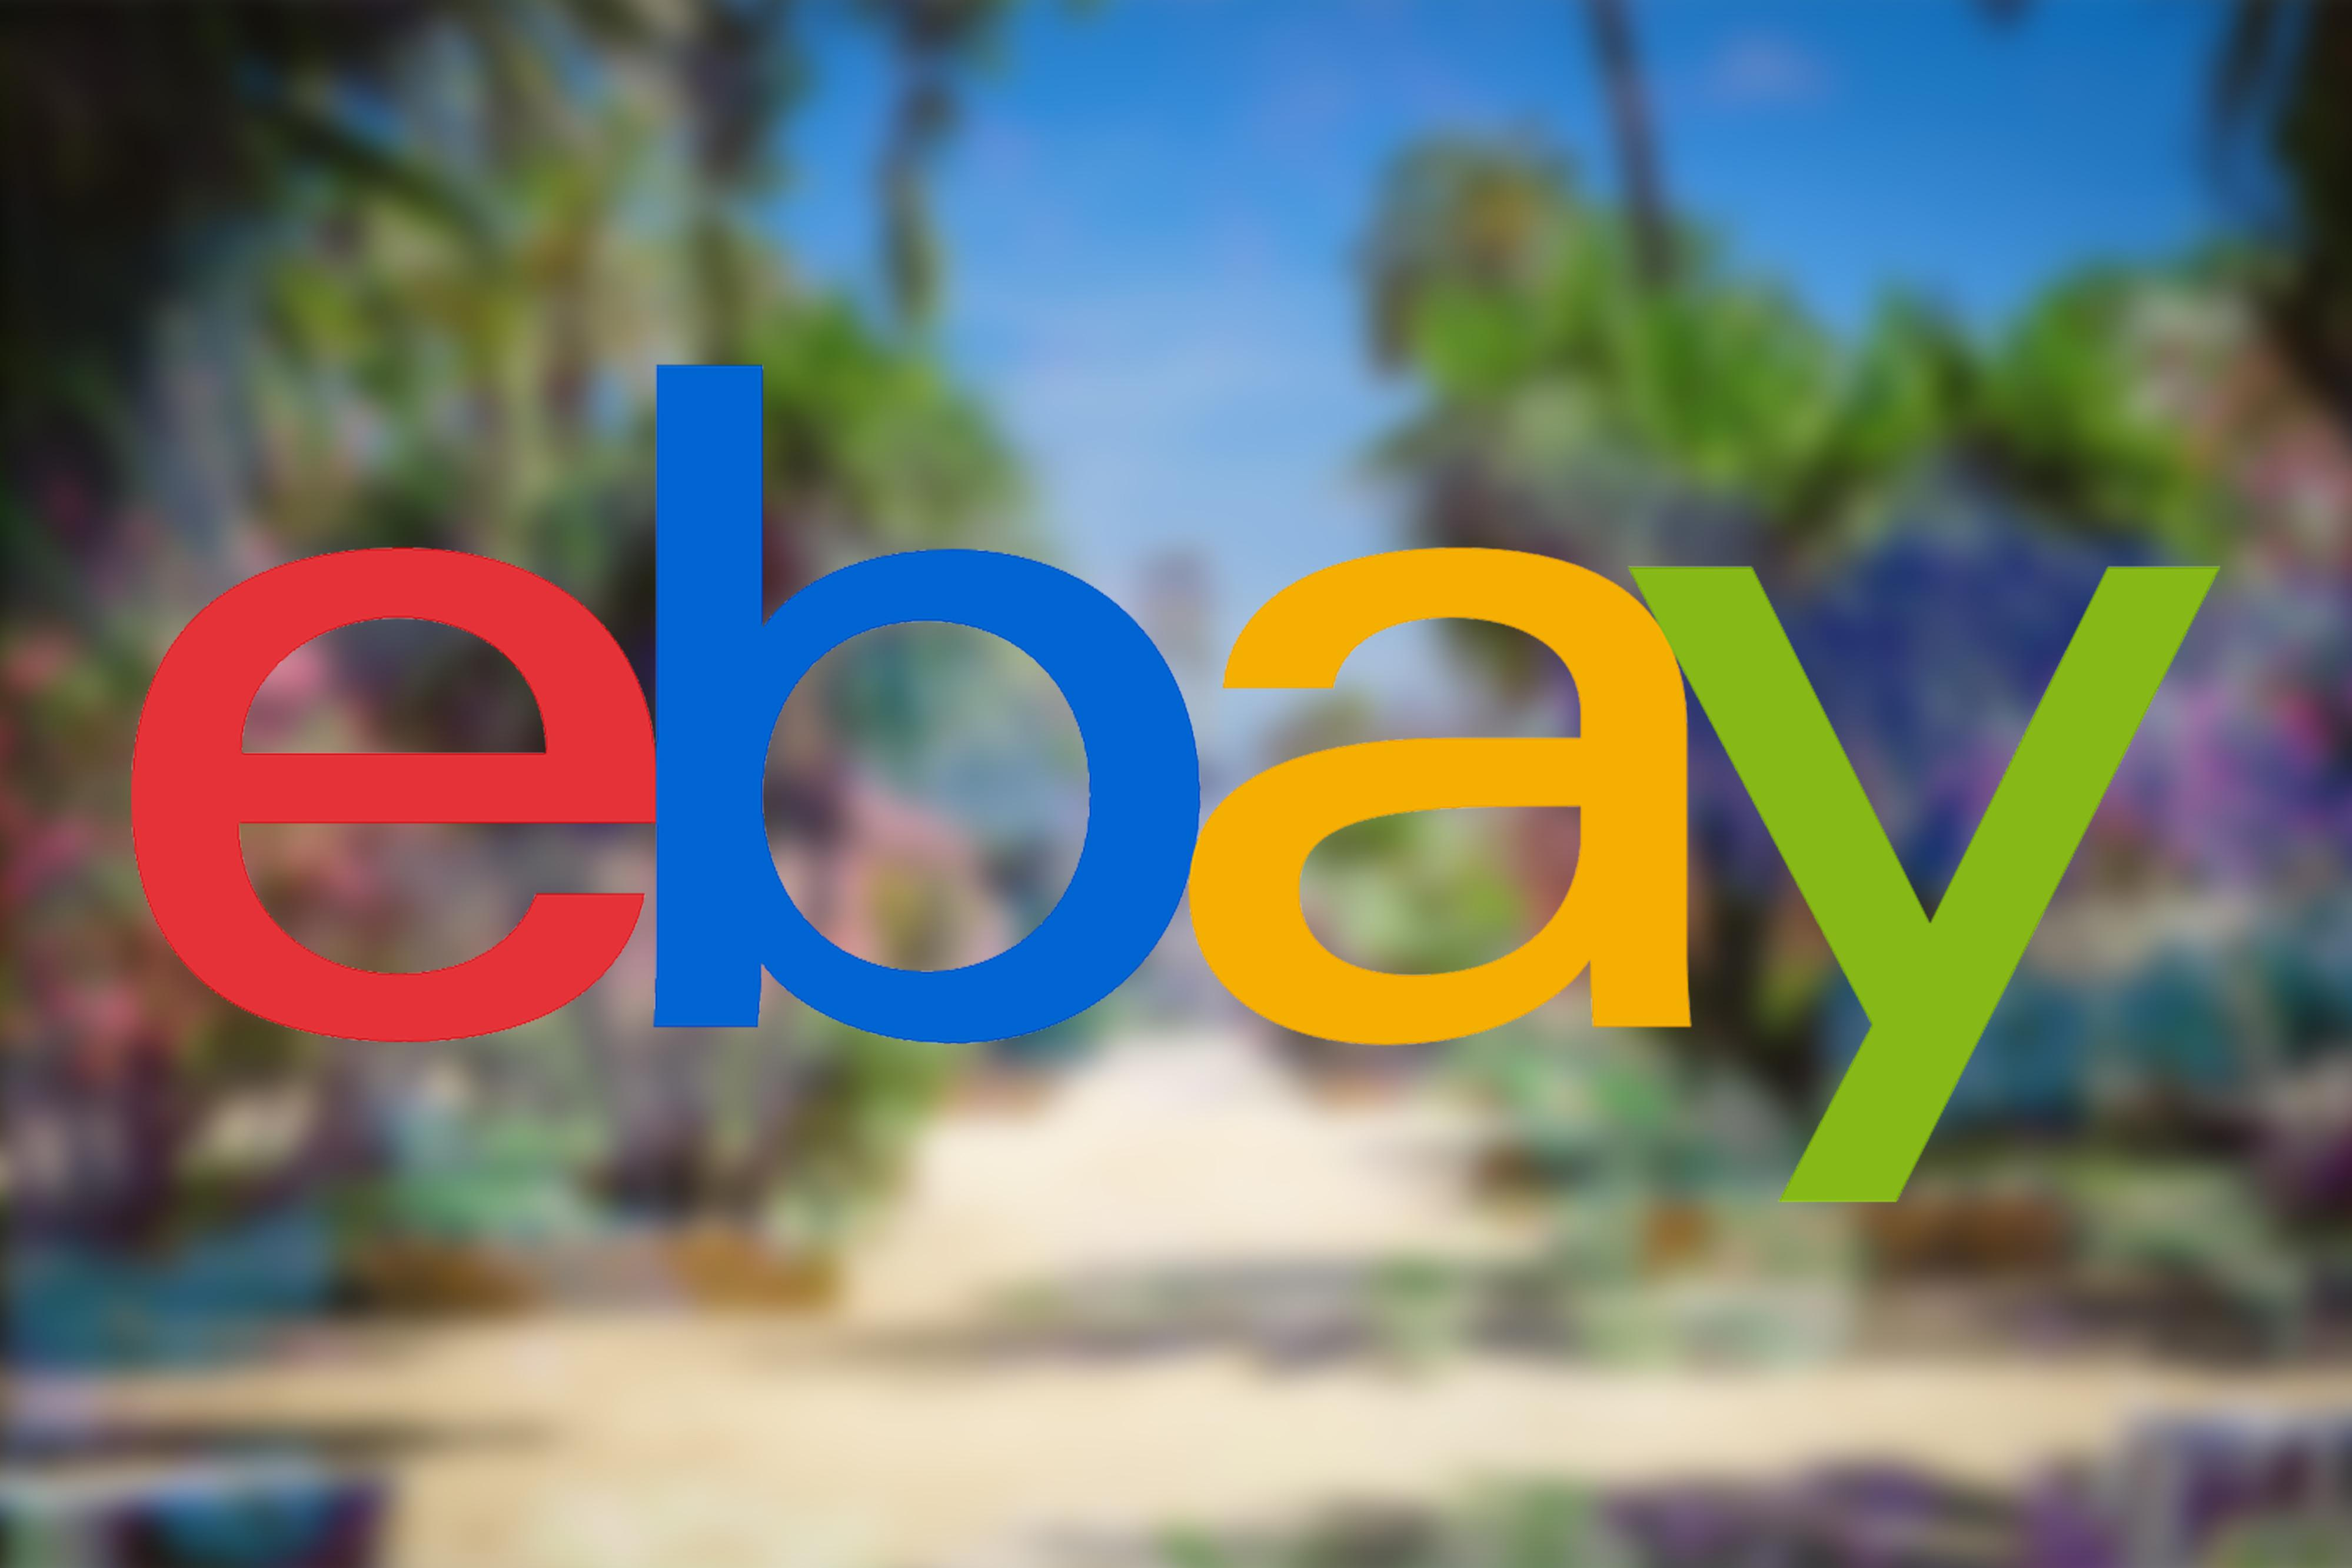 ebay-art-installation